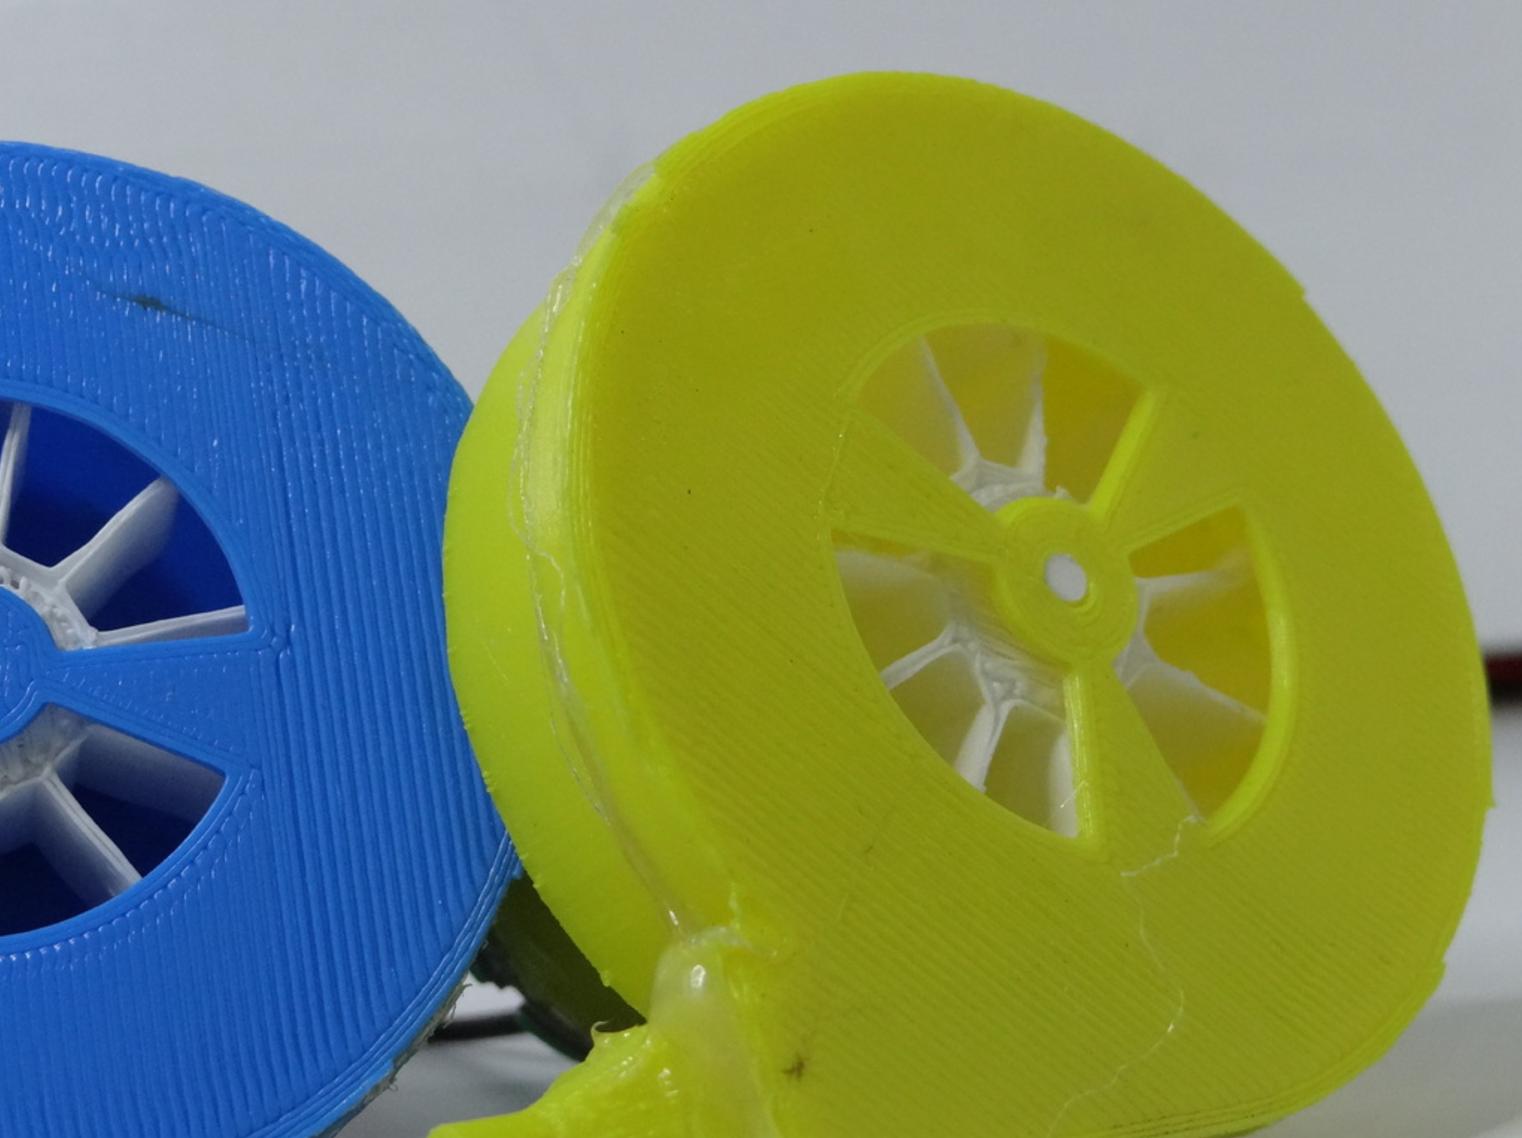 Capture d'écran 2017-08-17 à 19.04.13.png Download free STL file Water pump • 3D printing object, NikodemBartnik